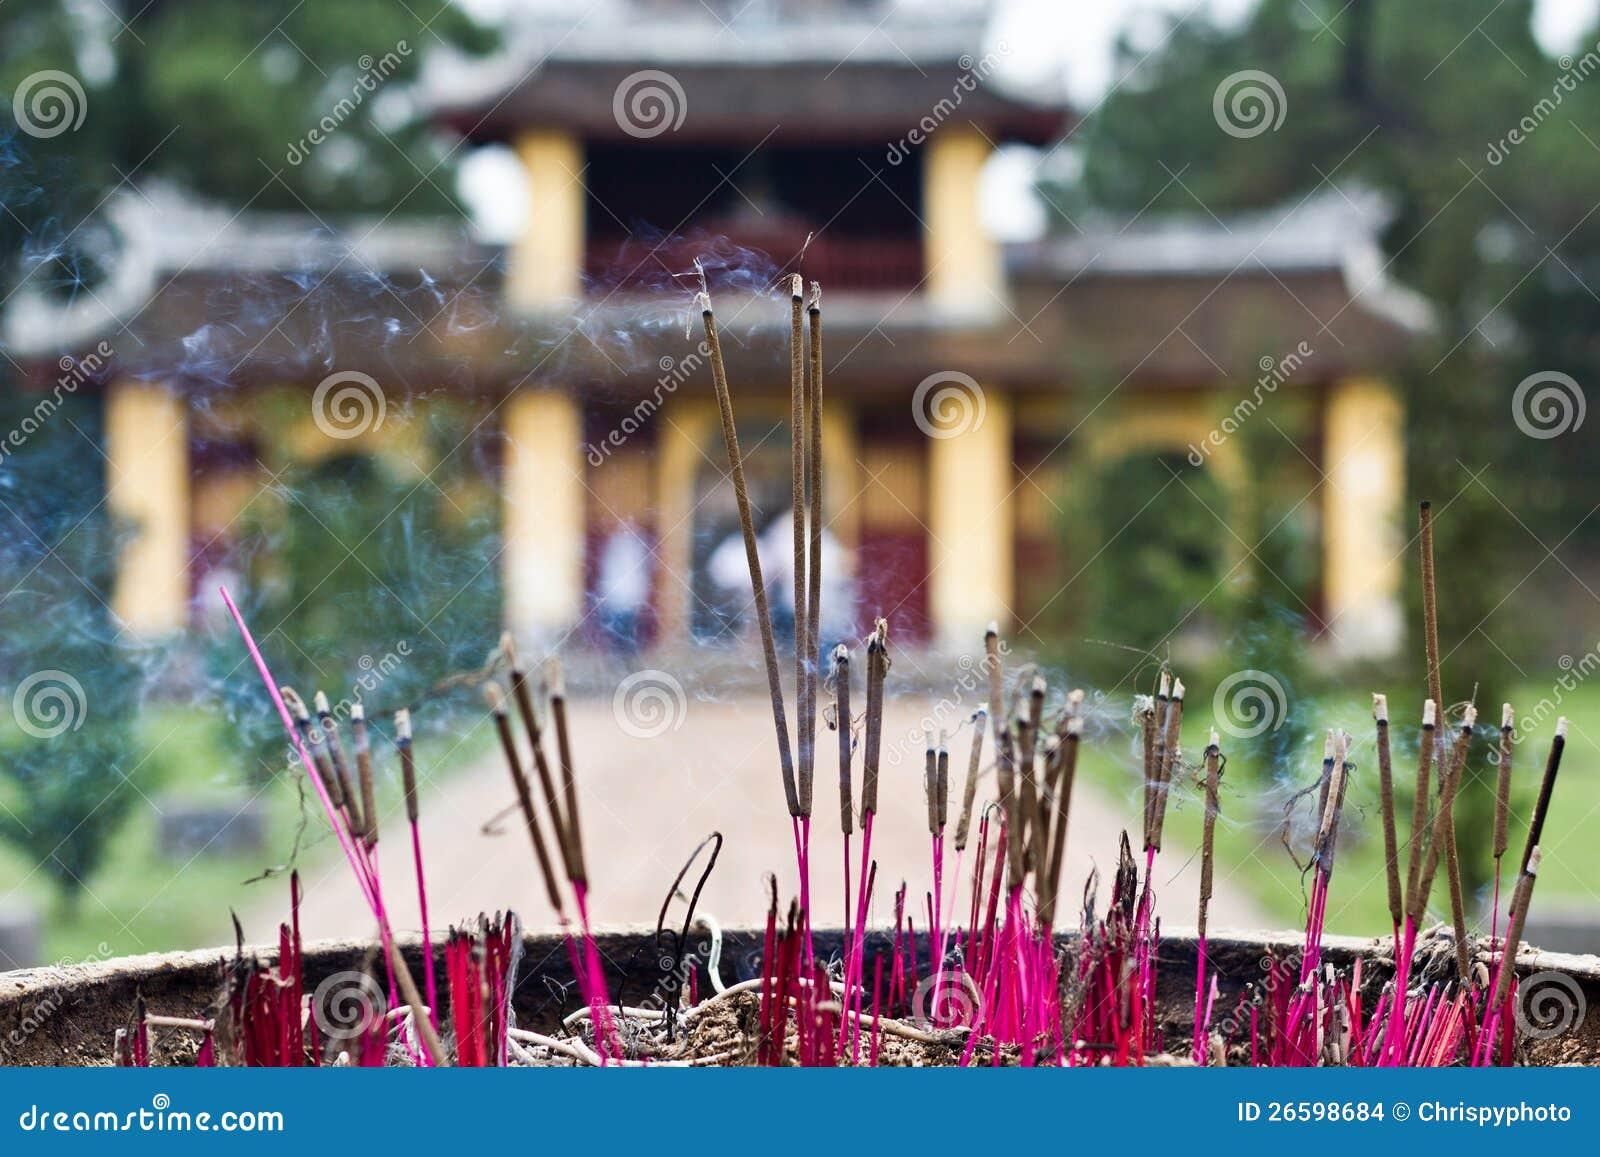 Incense sticks in Thien Mu Pagoda, Hue, Vietnam